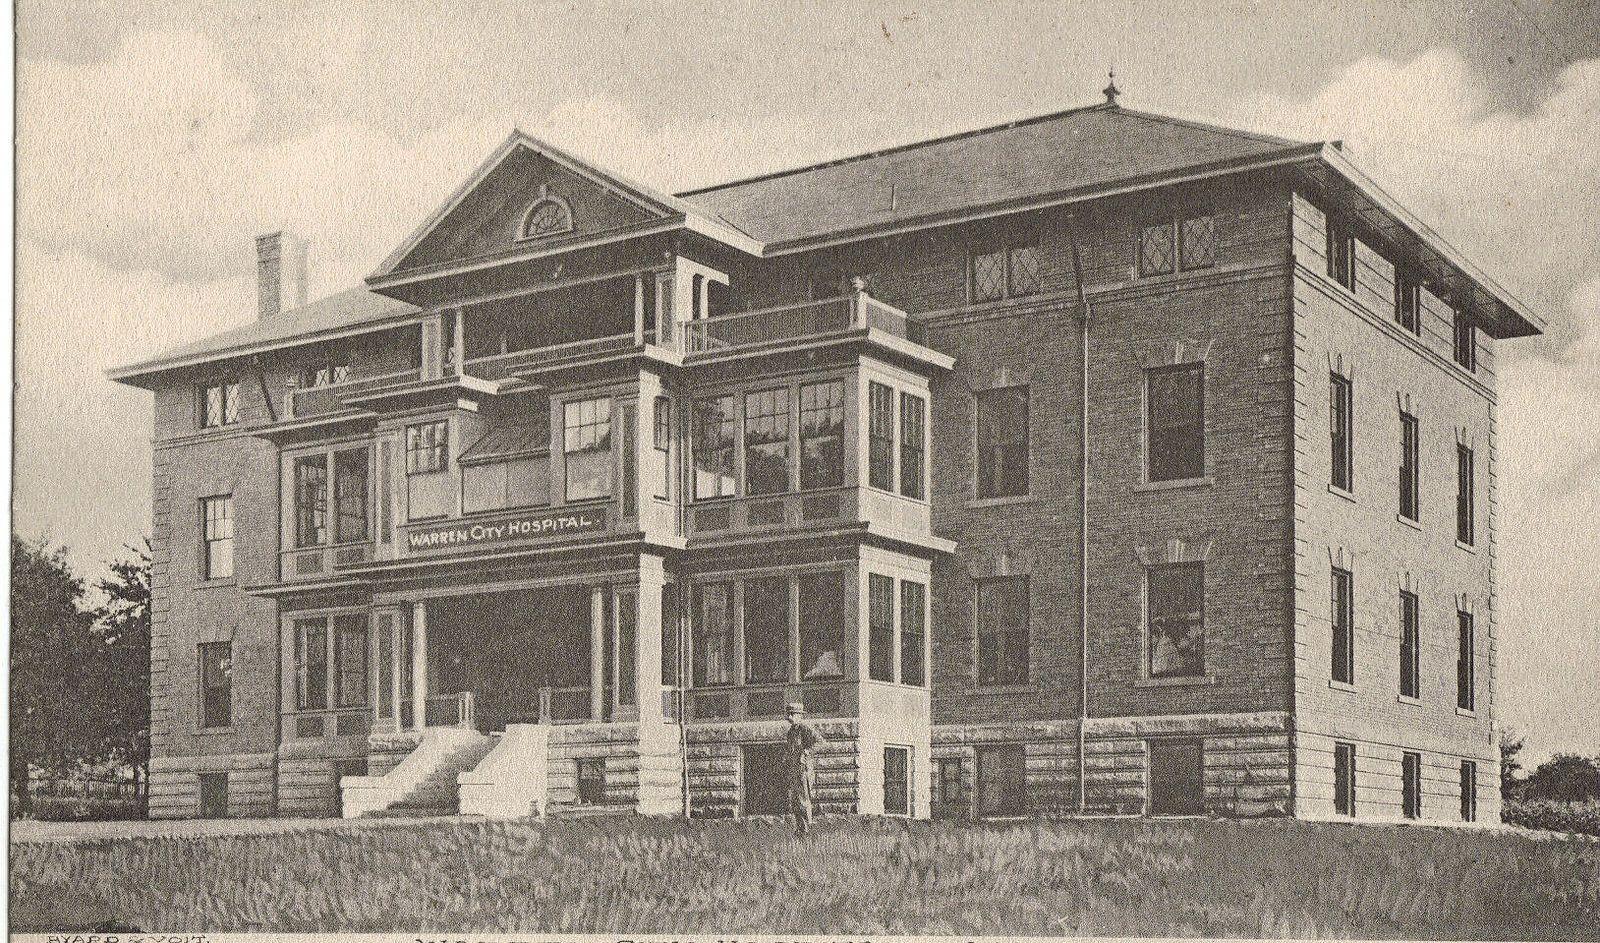 Warren city hospital warren ohio ohio history city